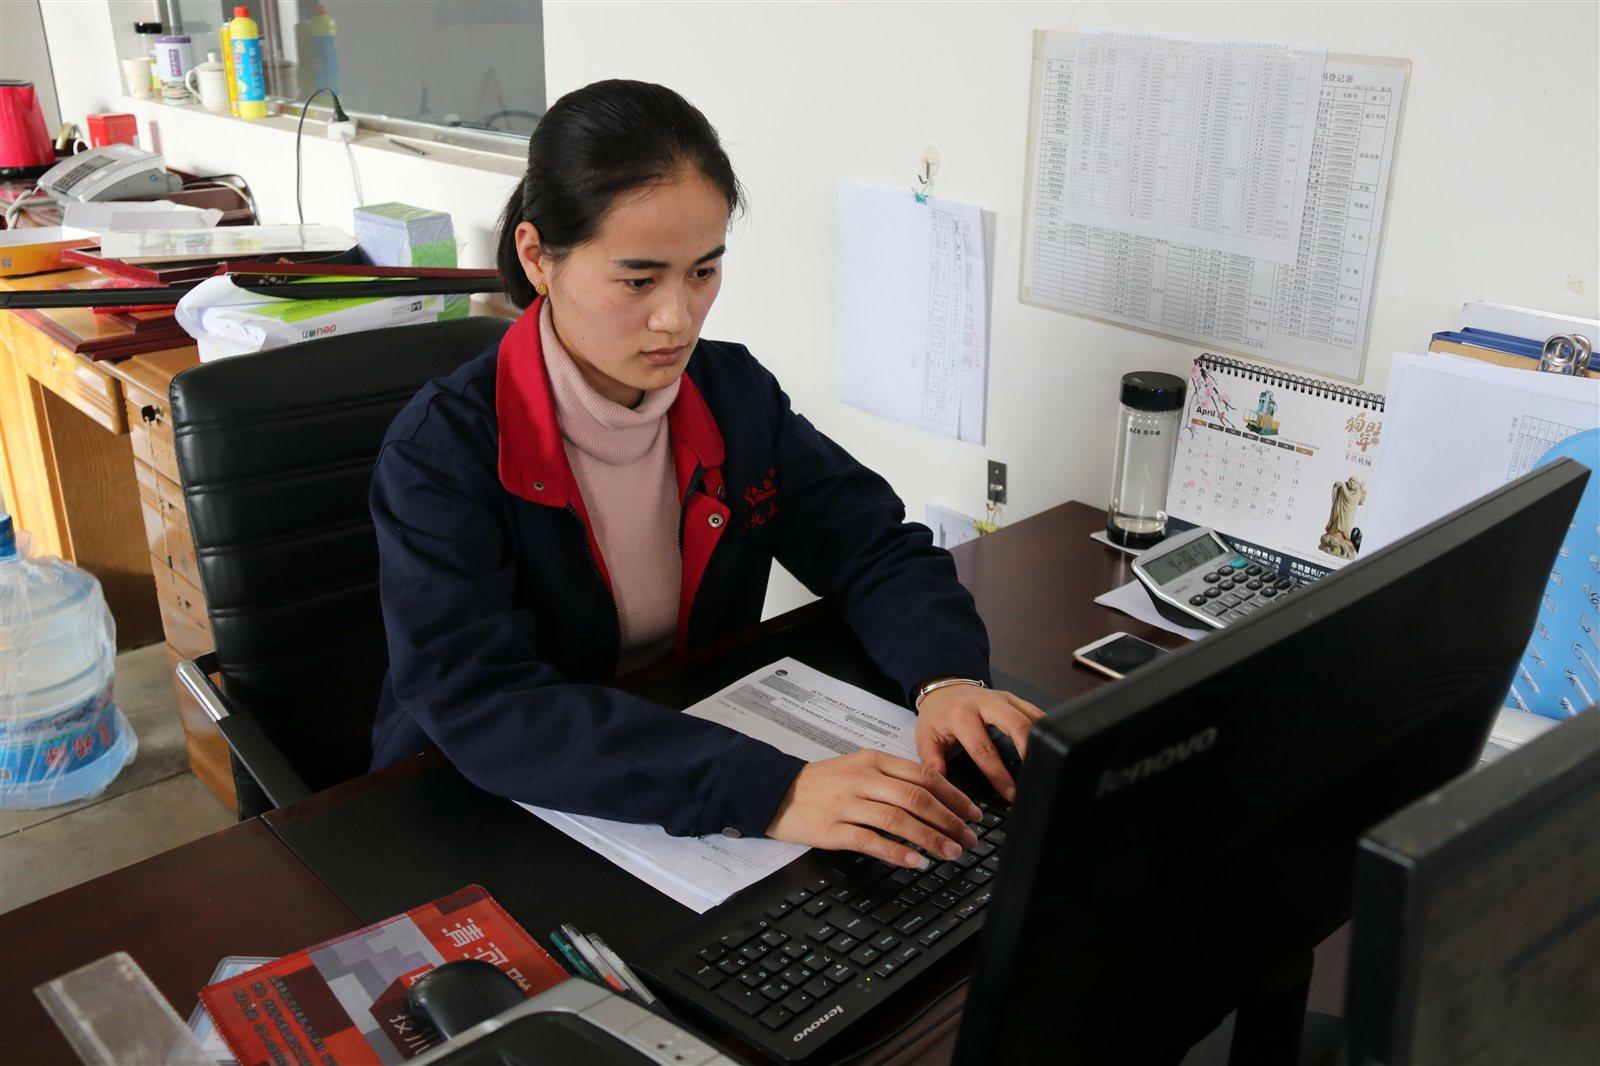 25永昌威尼斯人官网 张林